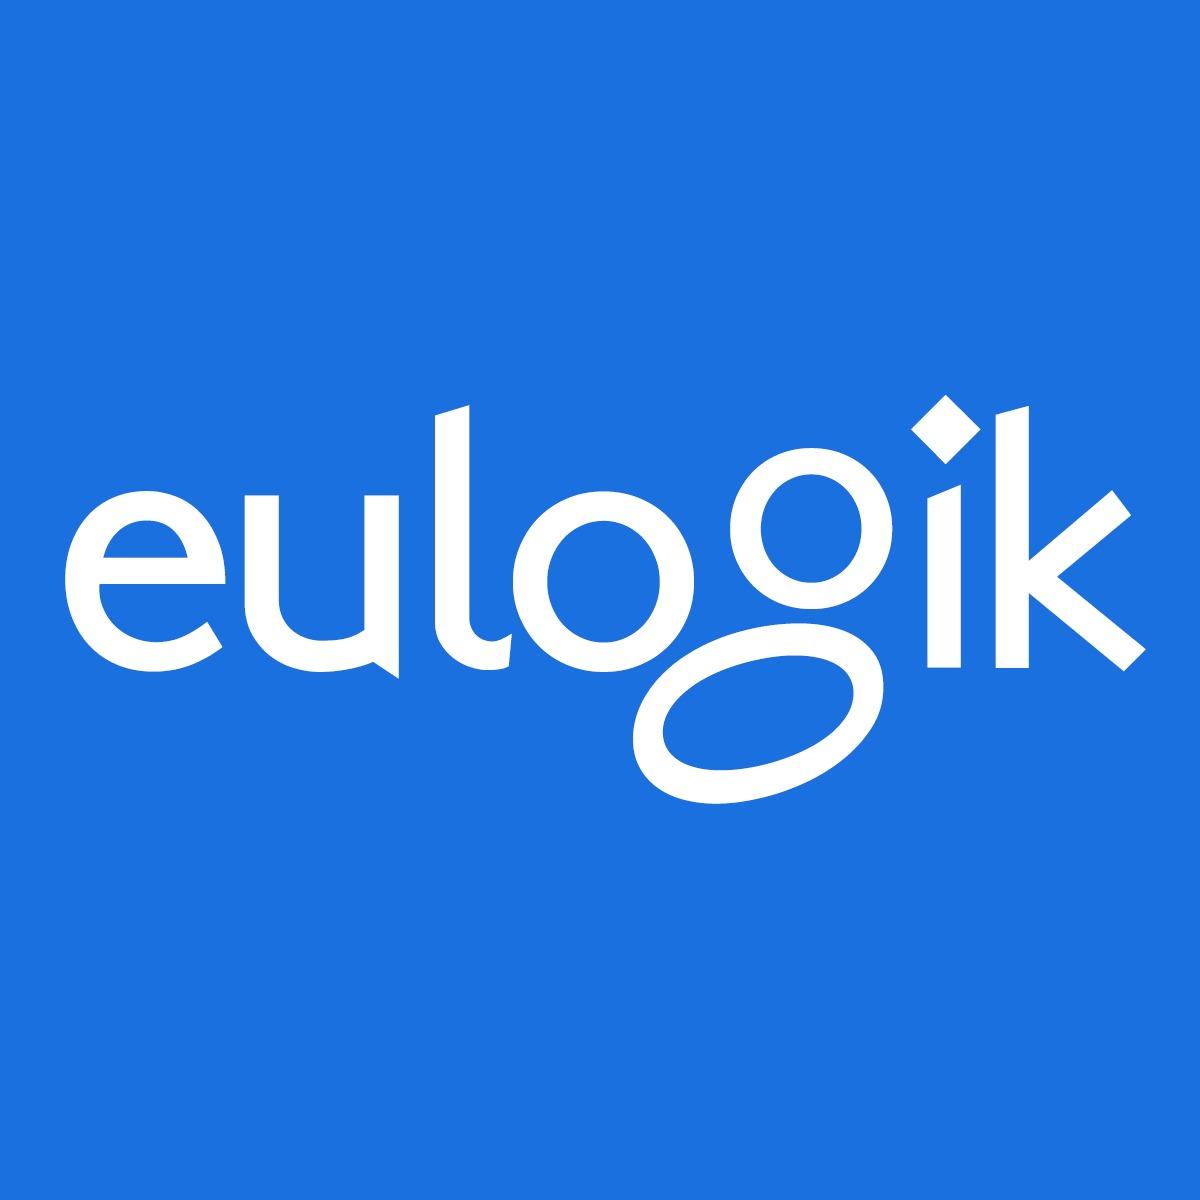 Eulogik